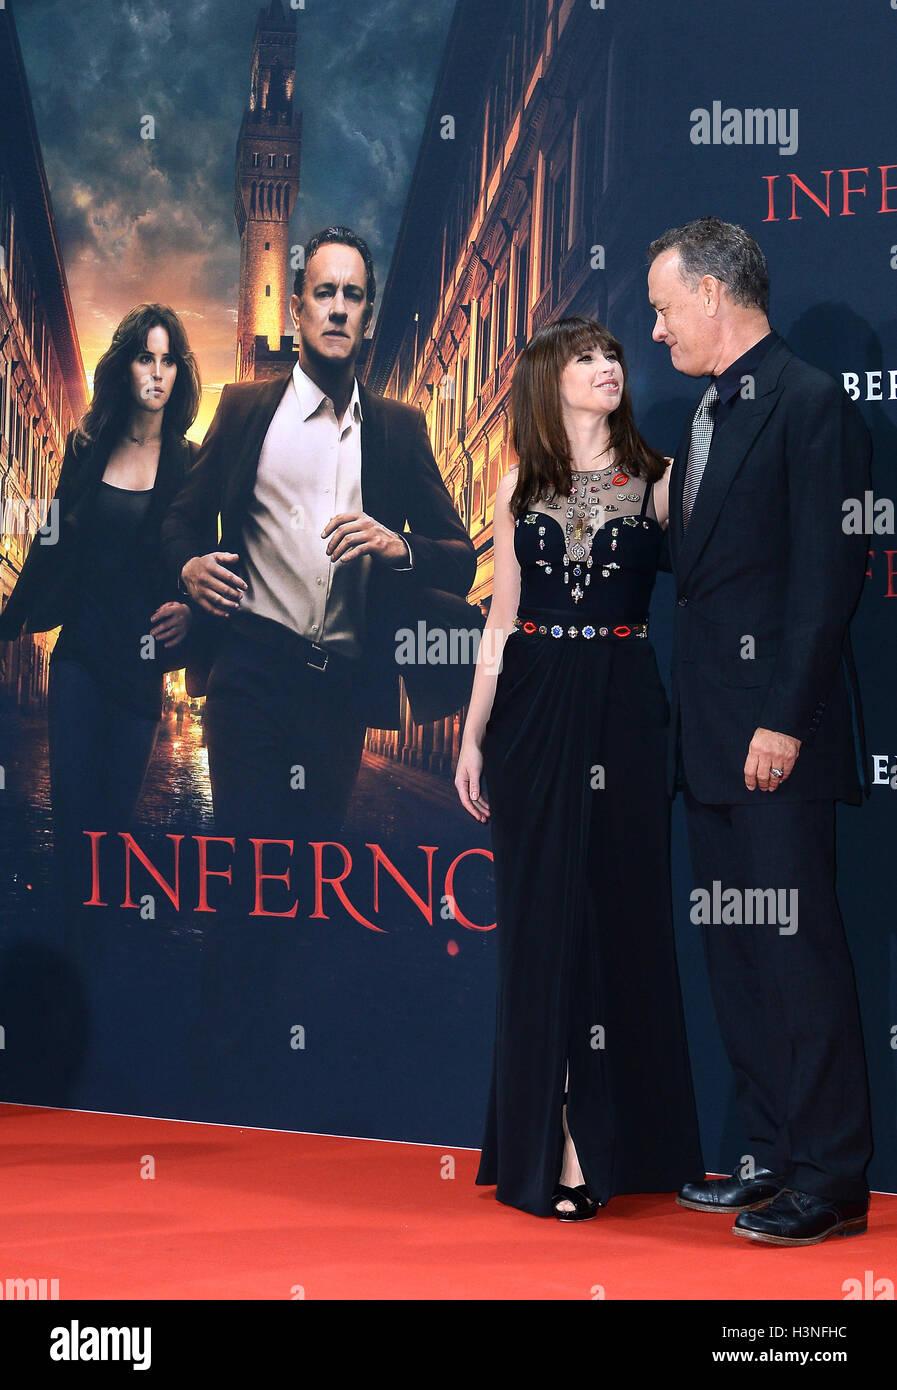 Berlino, Germania. 10 ottobre, 2016. L'attrice britannica Felicity Jones (L) e l'attore americano Tom Hanks Immagini Stock